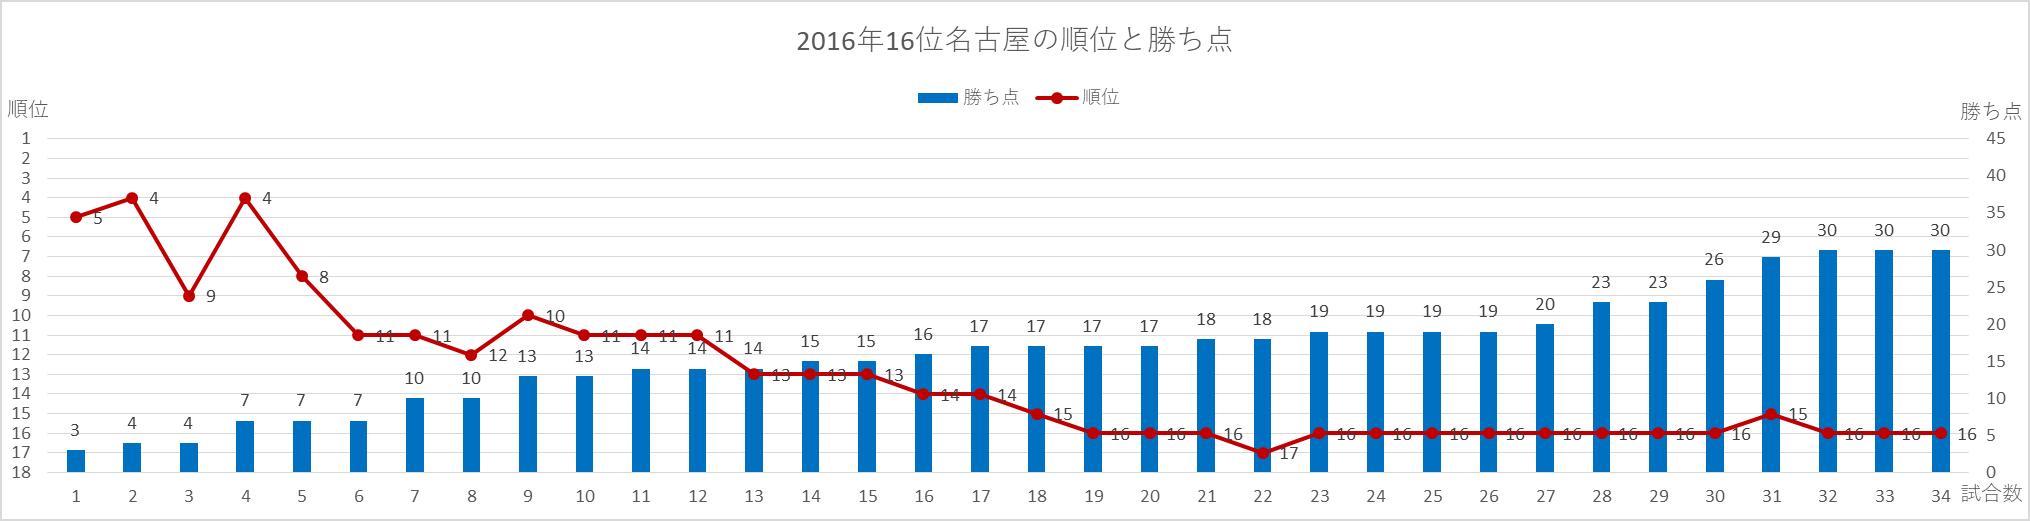 2016年名古屋の順位と勝ち点の推移